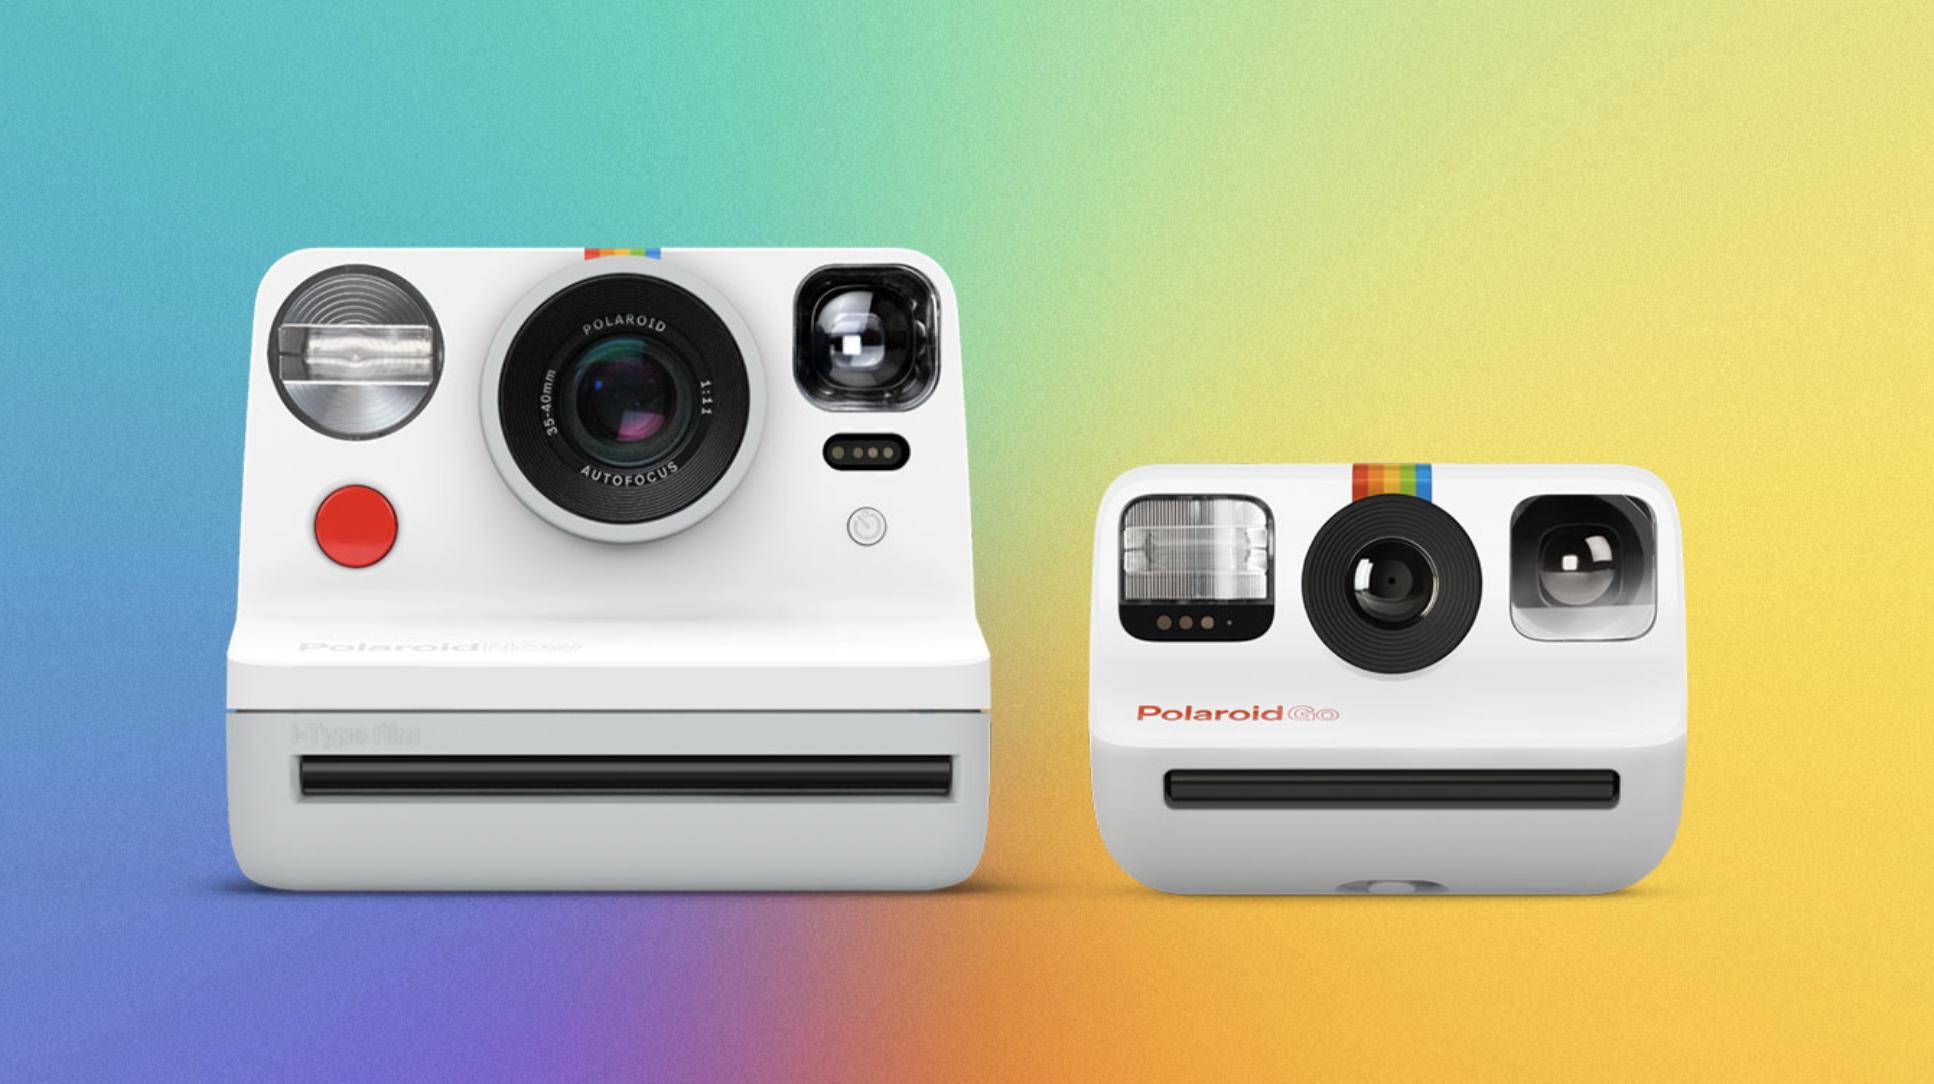 Polaroid next to Polaroid Go